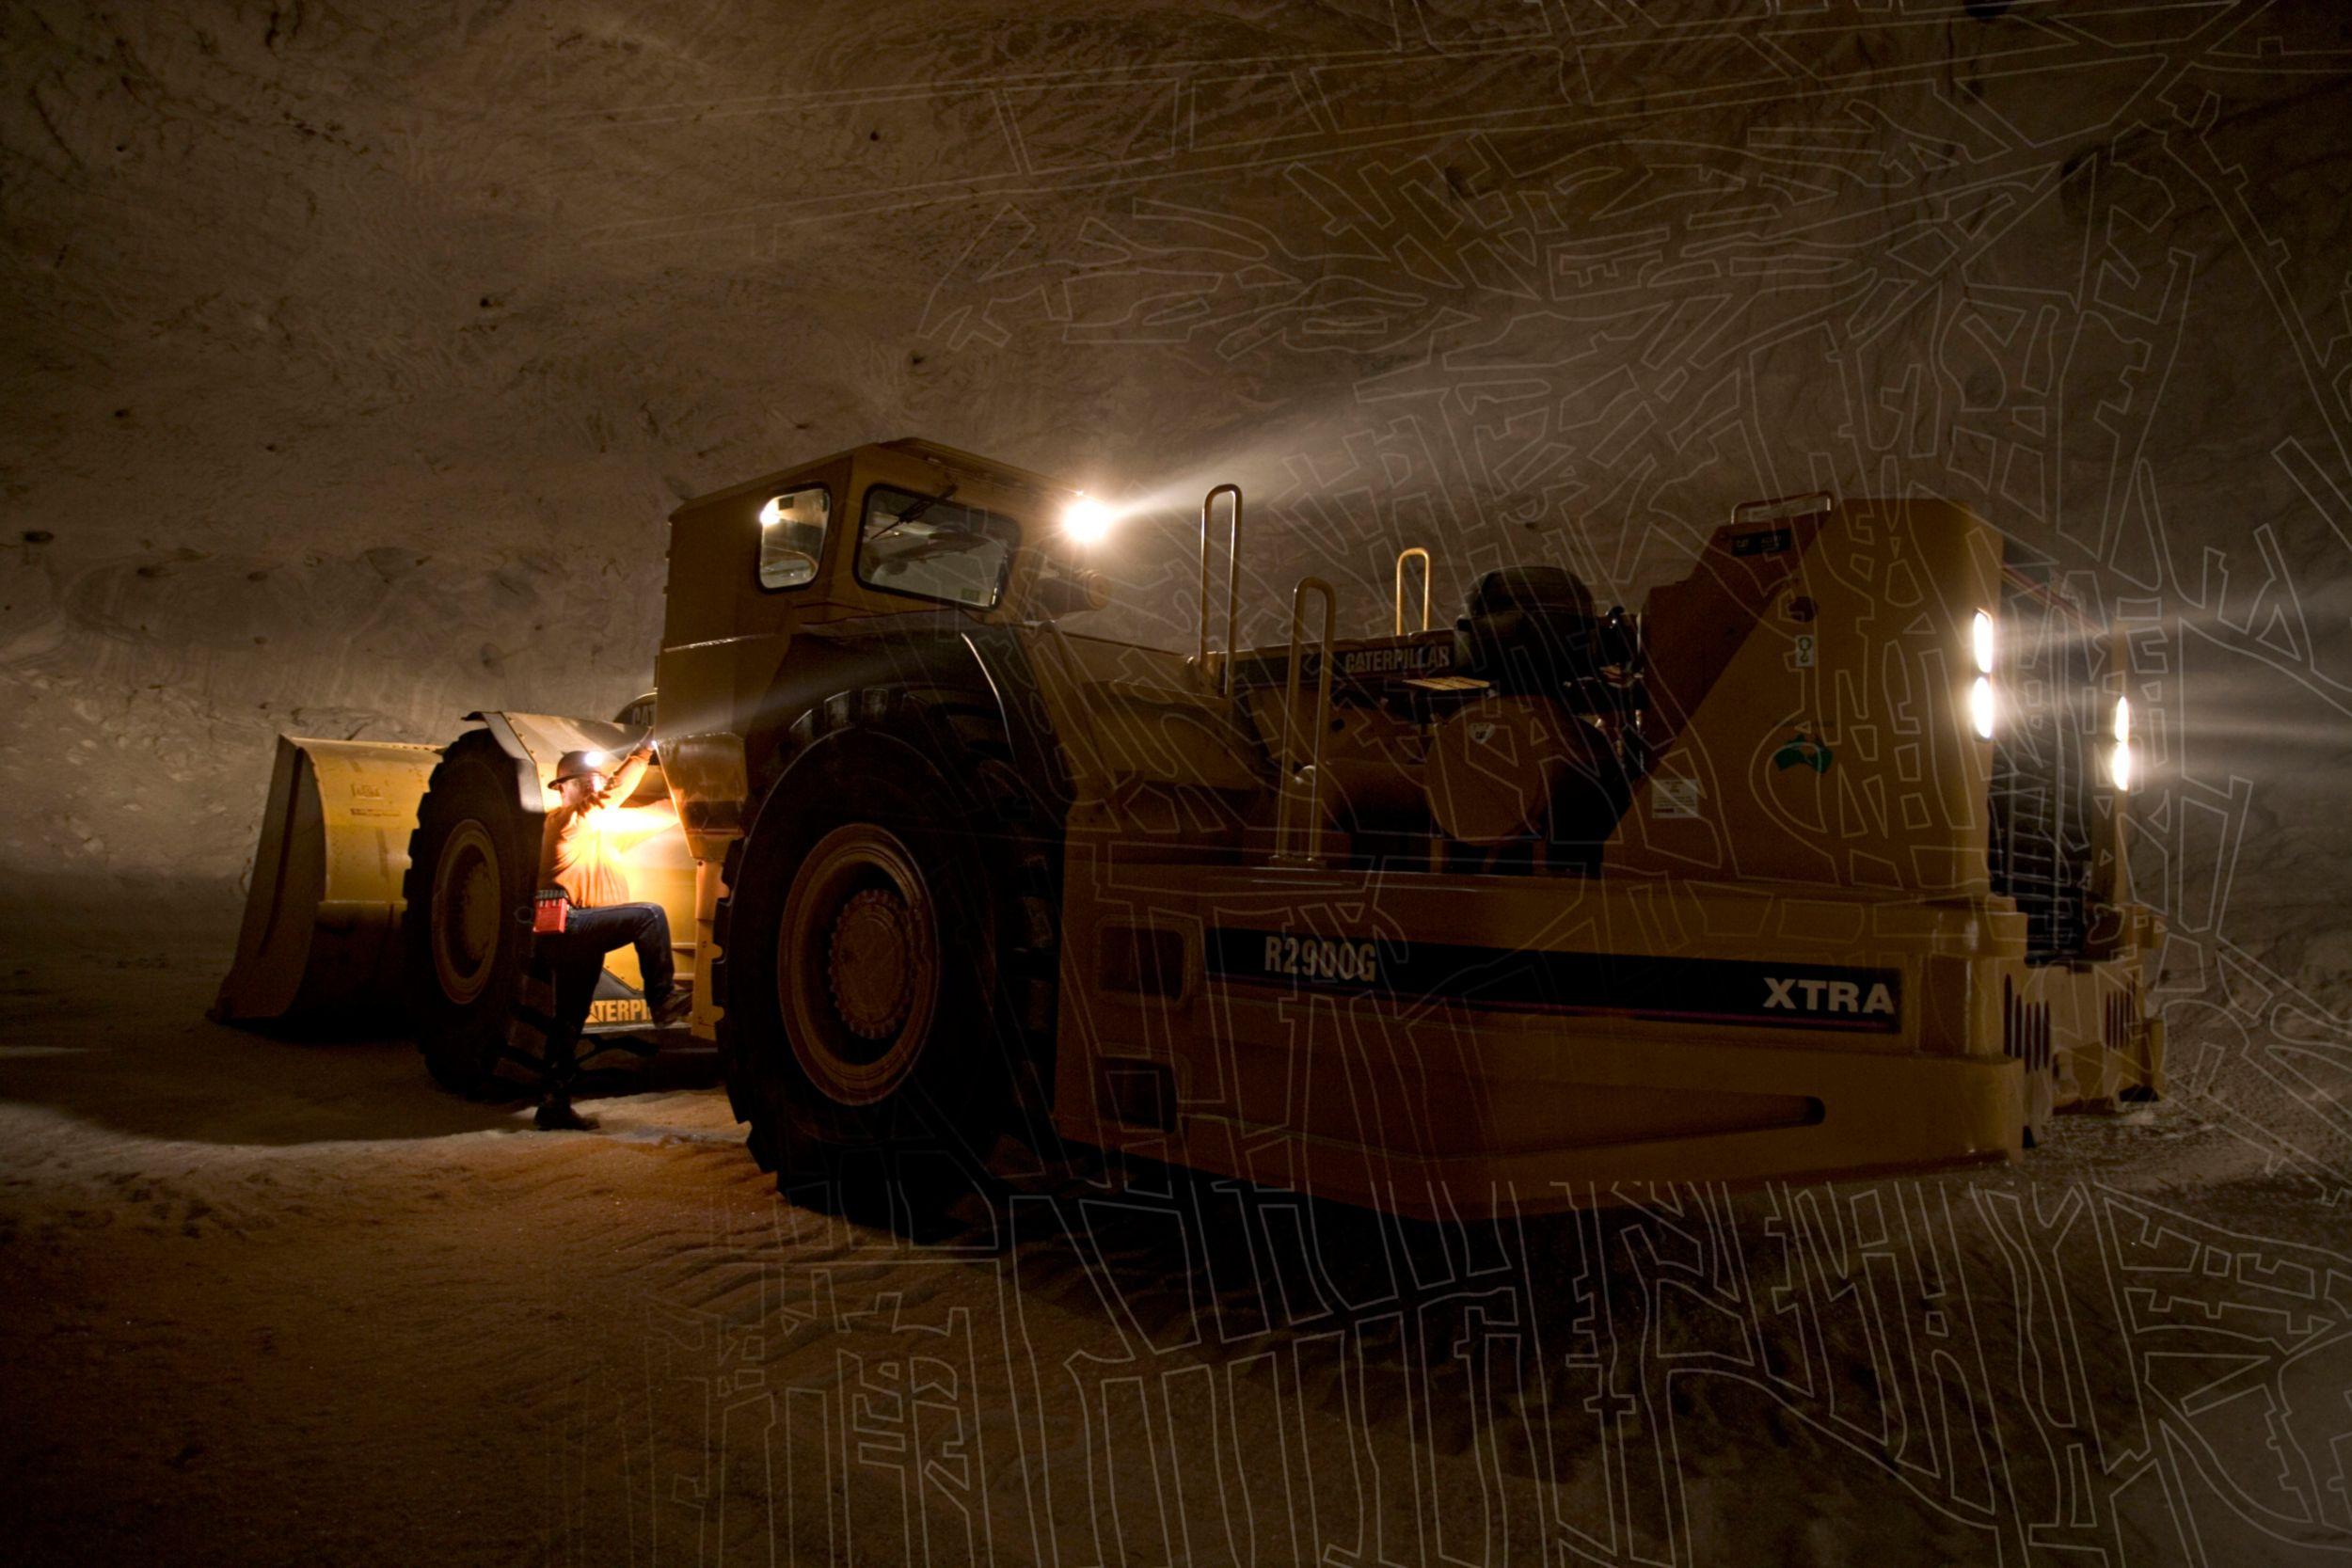 Cat Underground Mining Caterpillar